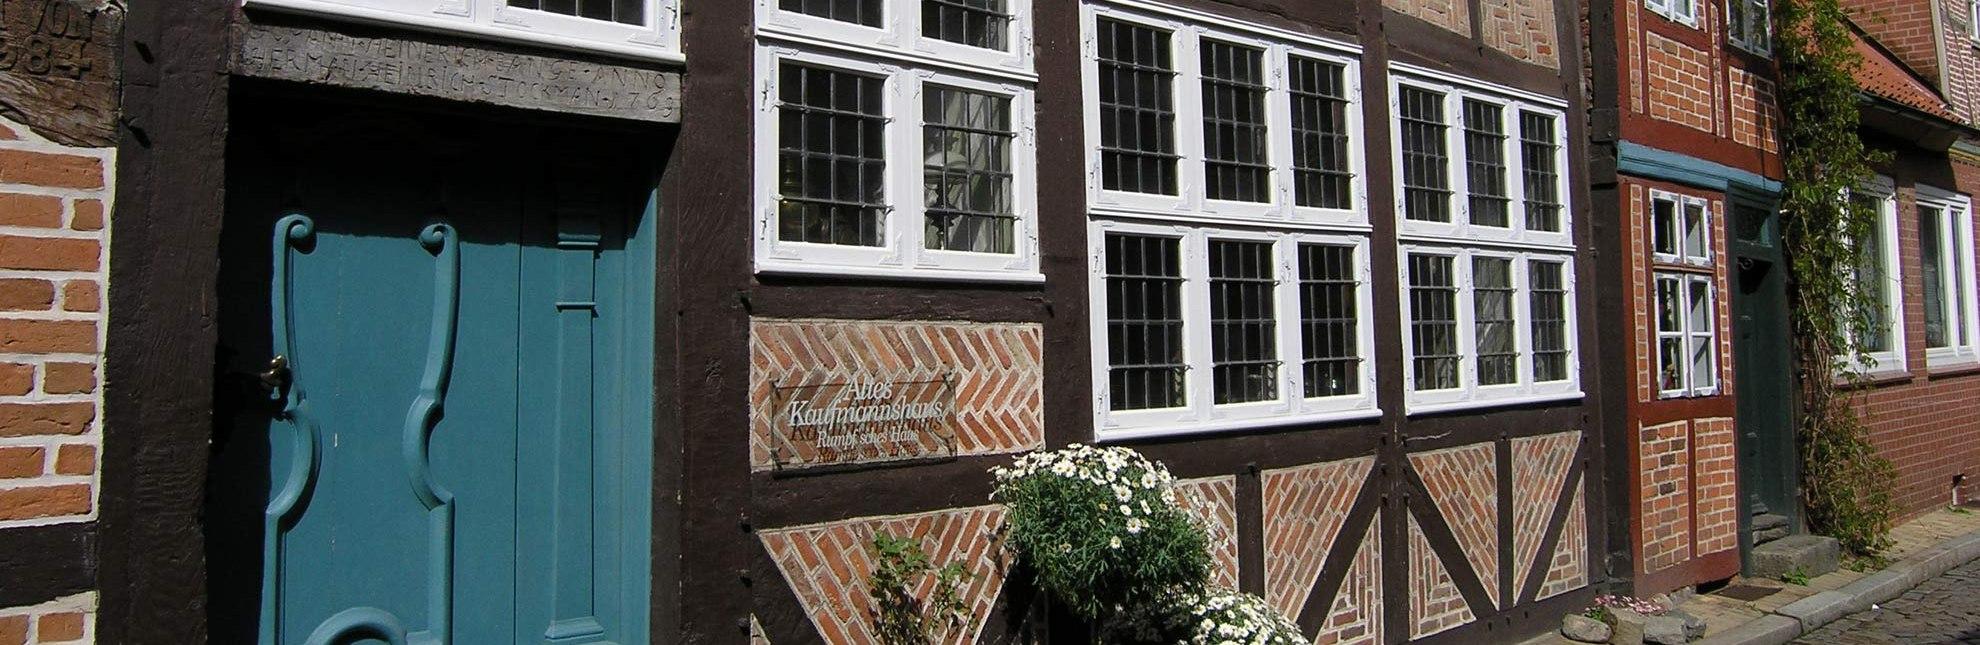 Das Alte Kaufmannshaus in Lauenburg/Elbe bietet regelmäßig Konzerte im besonderen Rahmen an., © HLMS GmbH